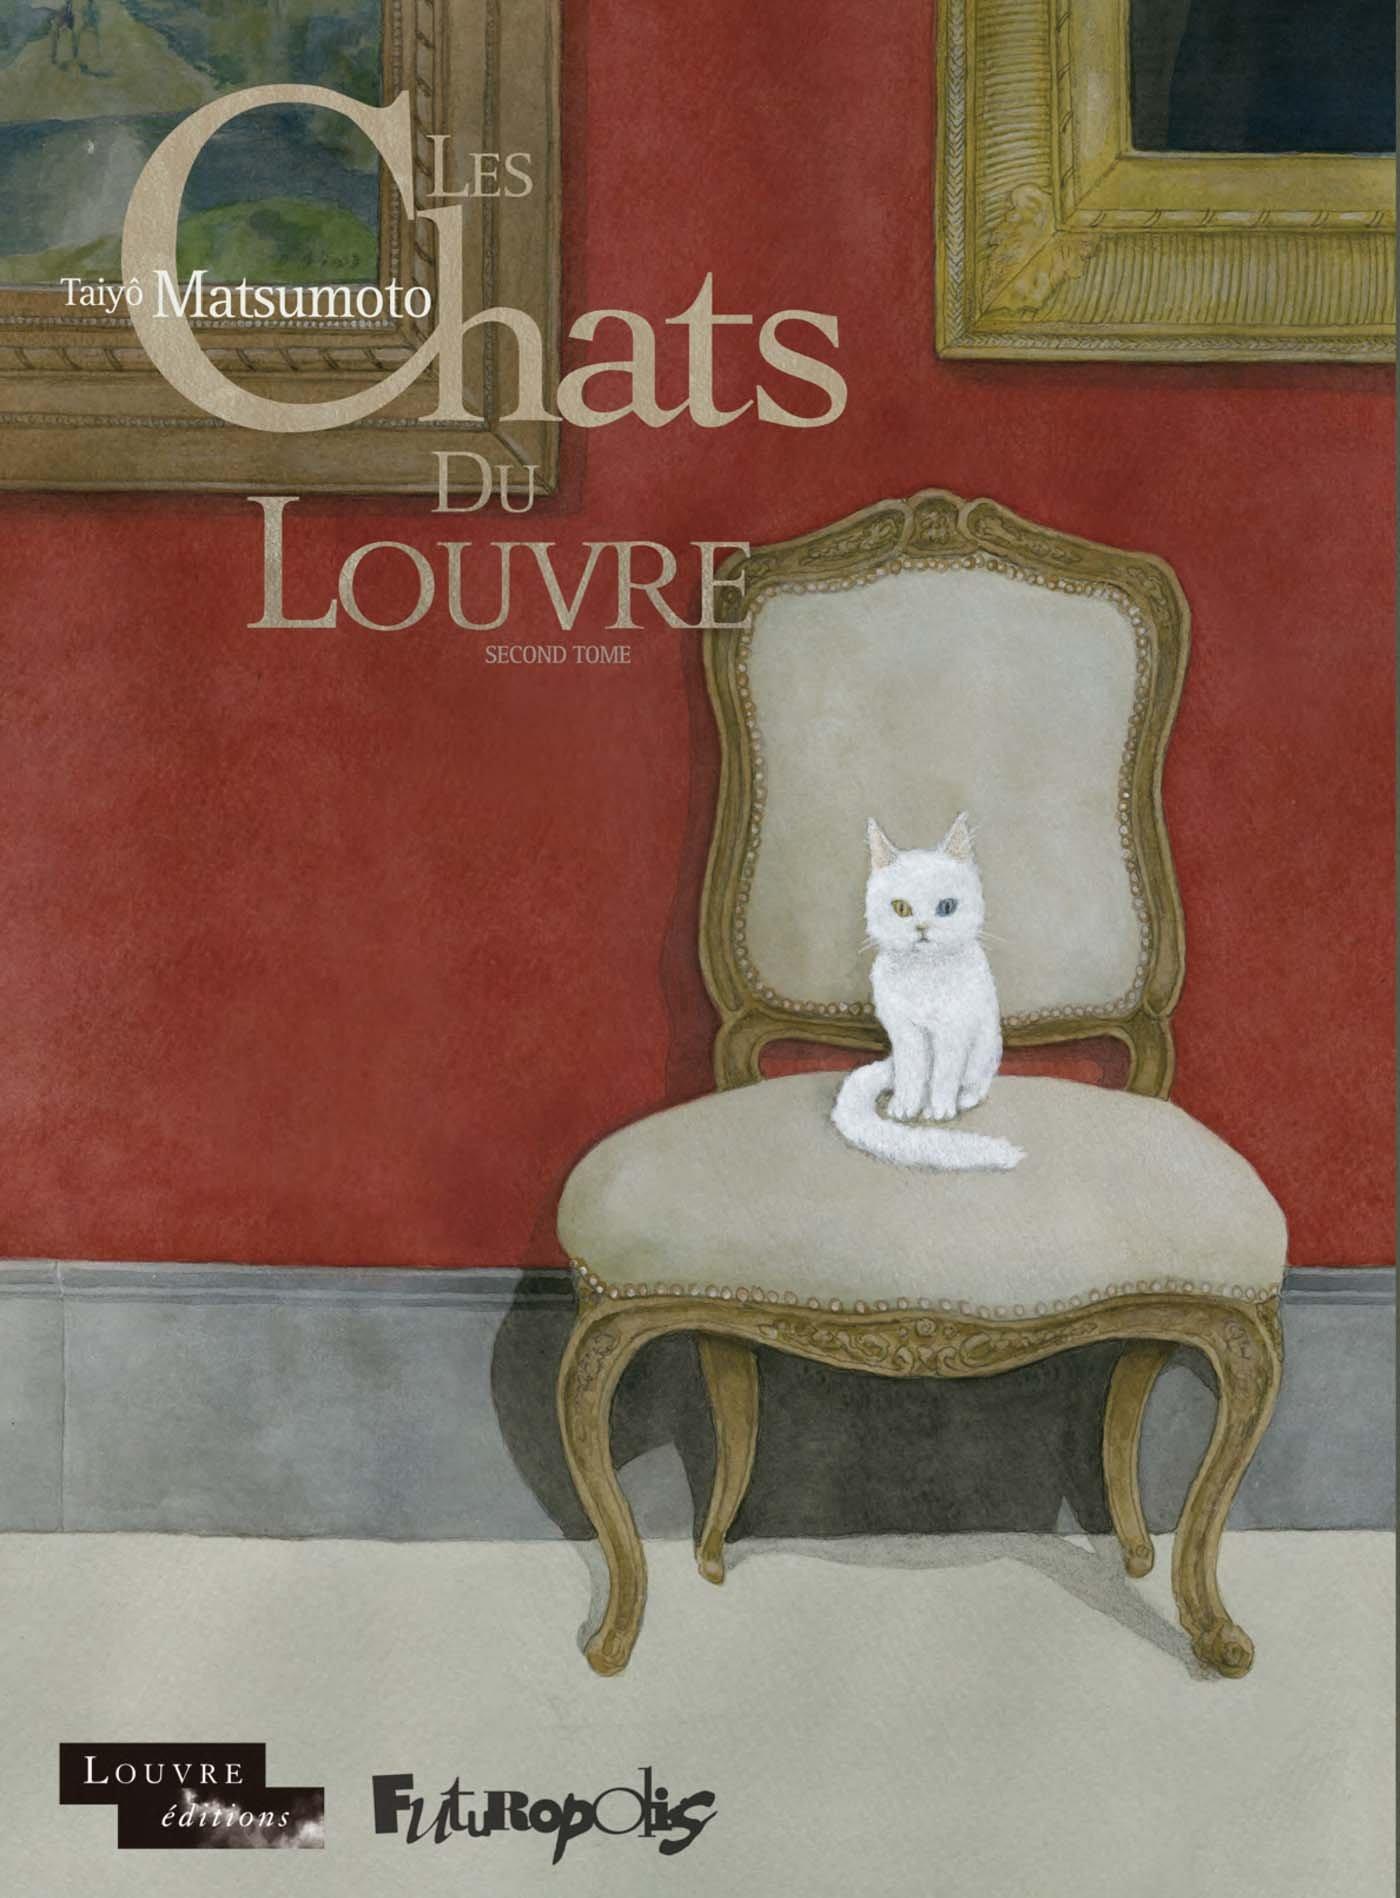 Les Chats du Louvre 2